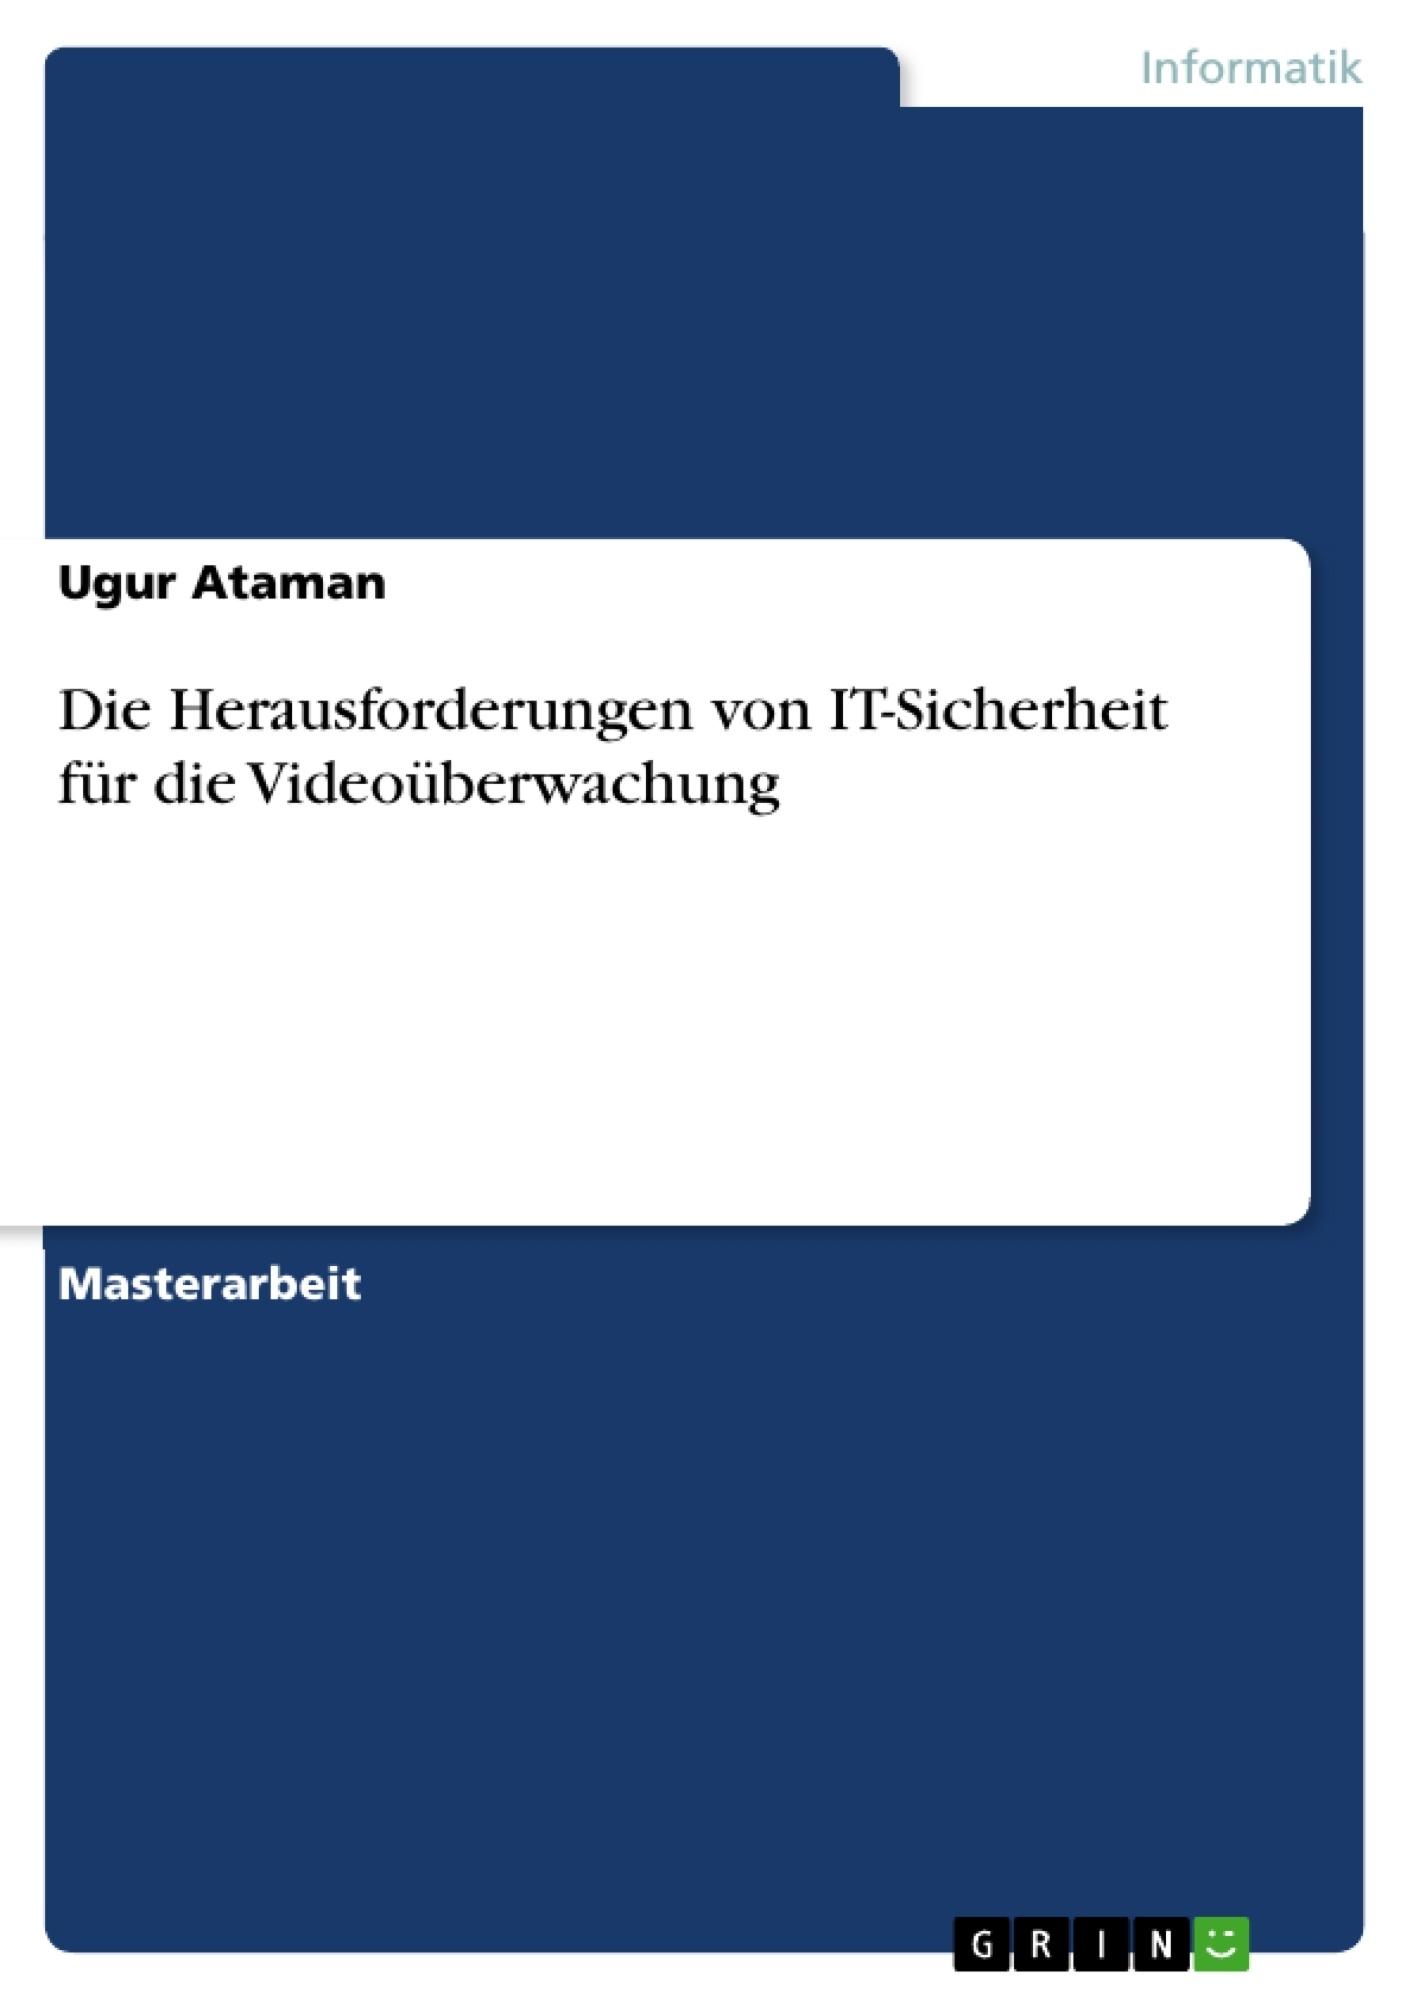 Titel: Die Herausforderungen von IT-Sicherheit für die Videoüberwachung